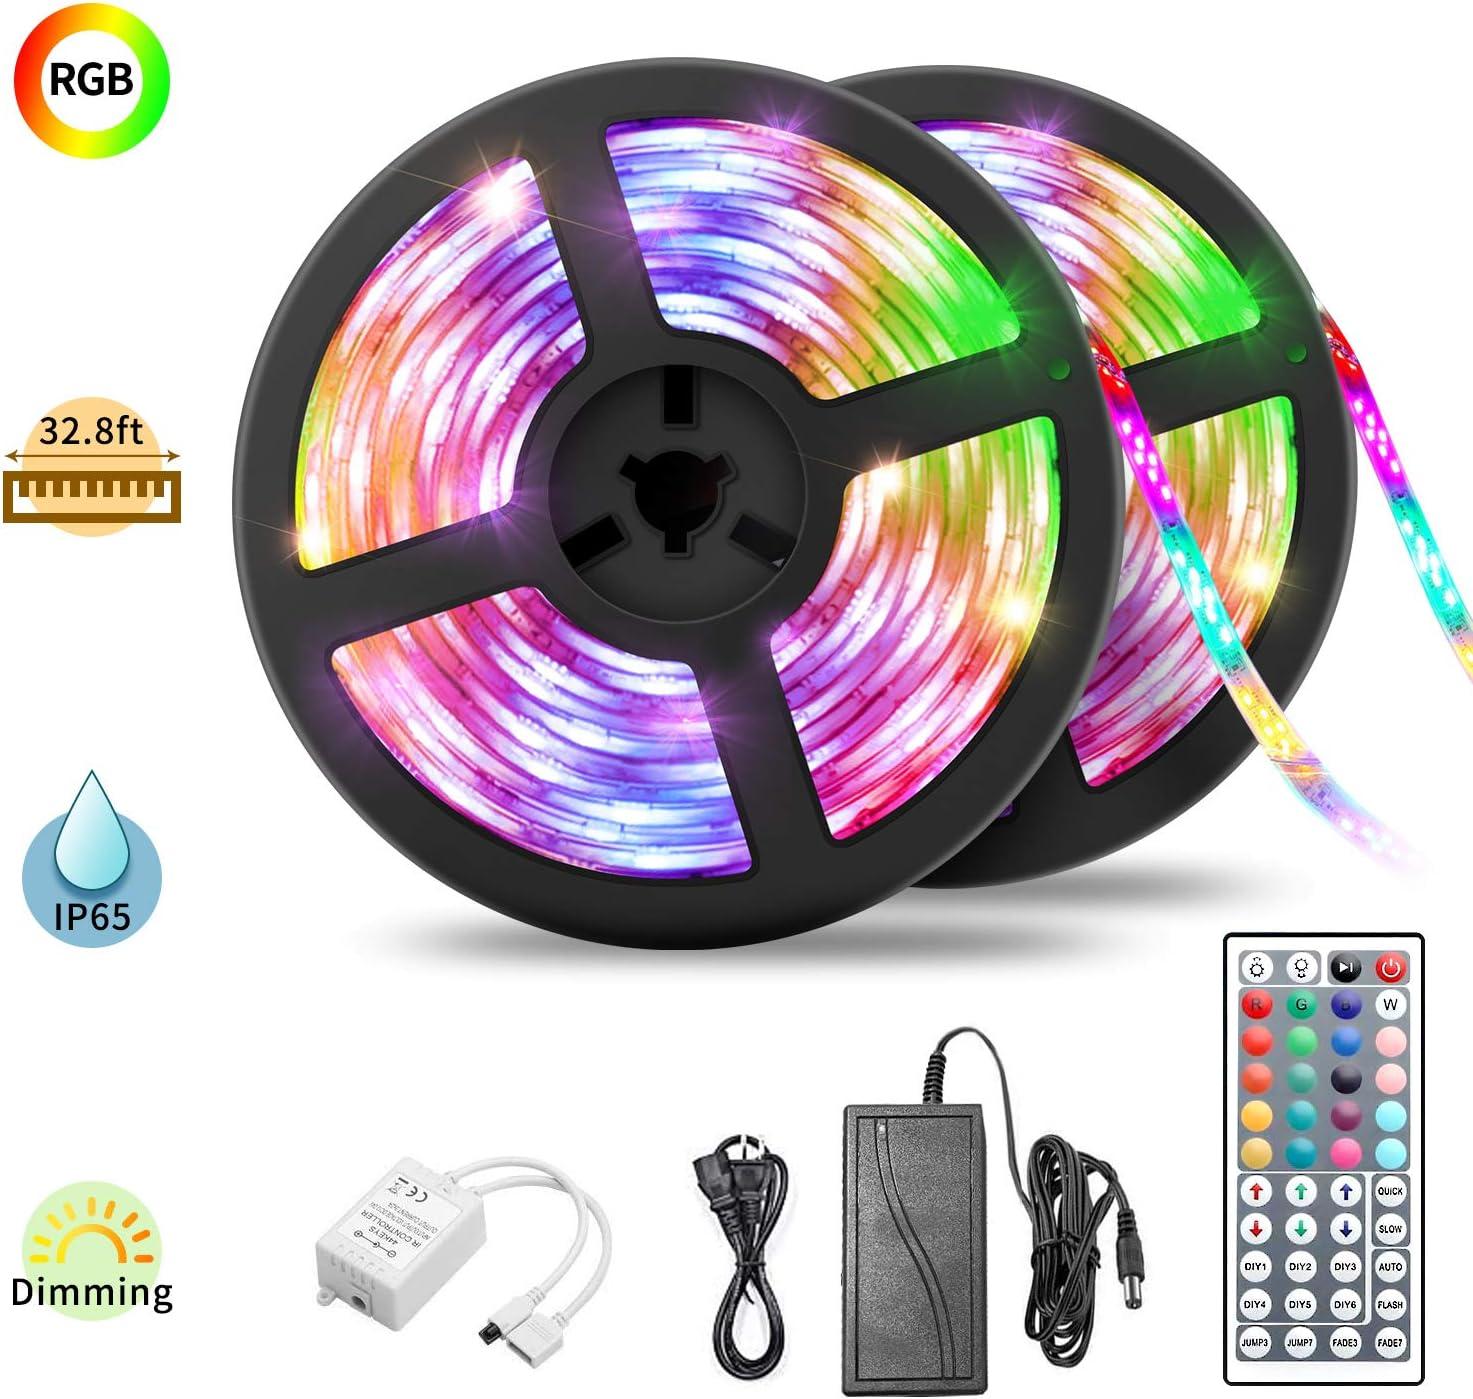 ESTPEAK Led Strip Lights, 32.8ft Waterproof Led Light Strip, Color Changing 5050 RGB 300 LEDs Light Strips Kit, with 44 Keys IR Remote Ideal for Home Bedroom Kitchen Party Decoration, 12V